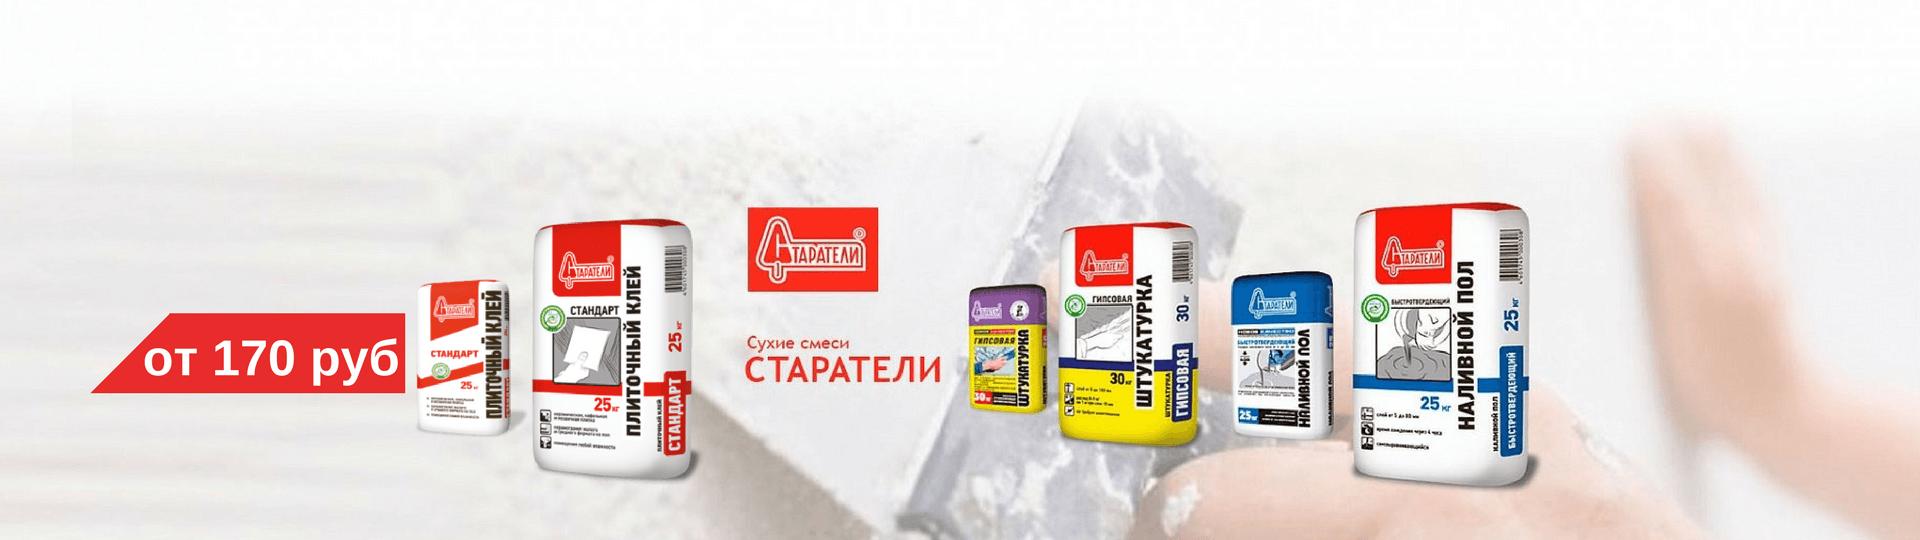 Спартак строительные материалы слободской строительные материалы команда